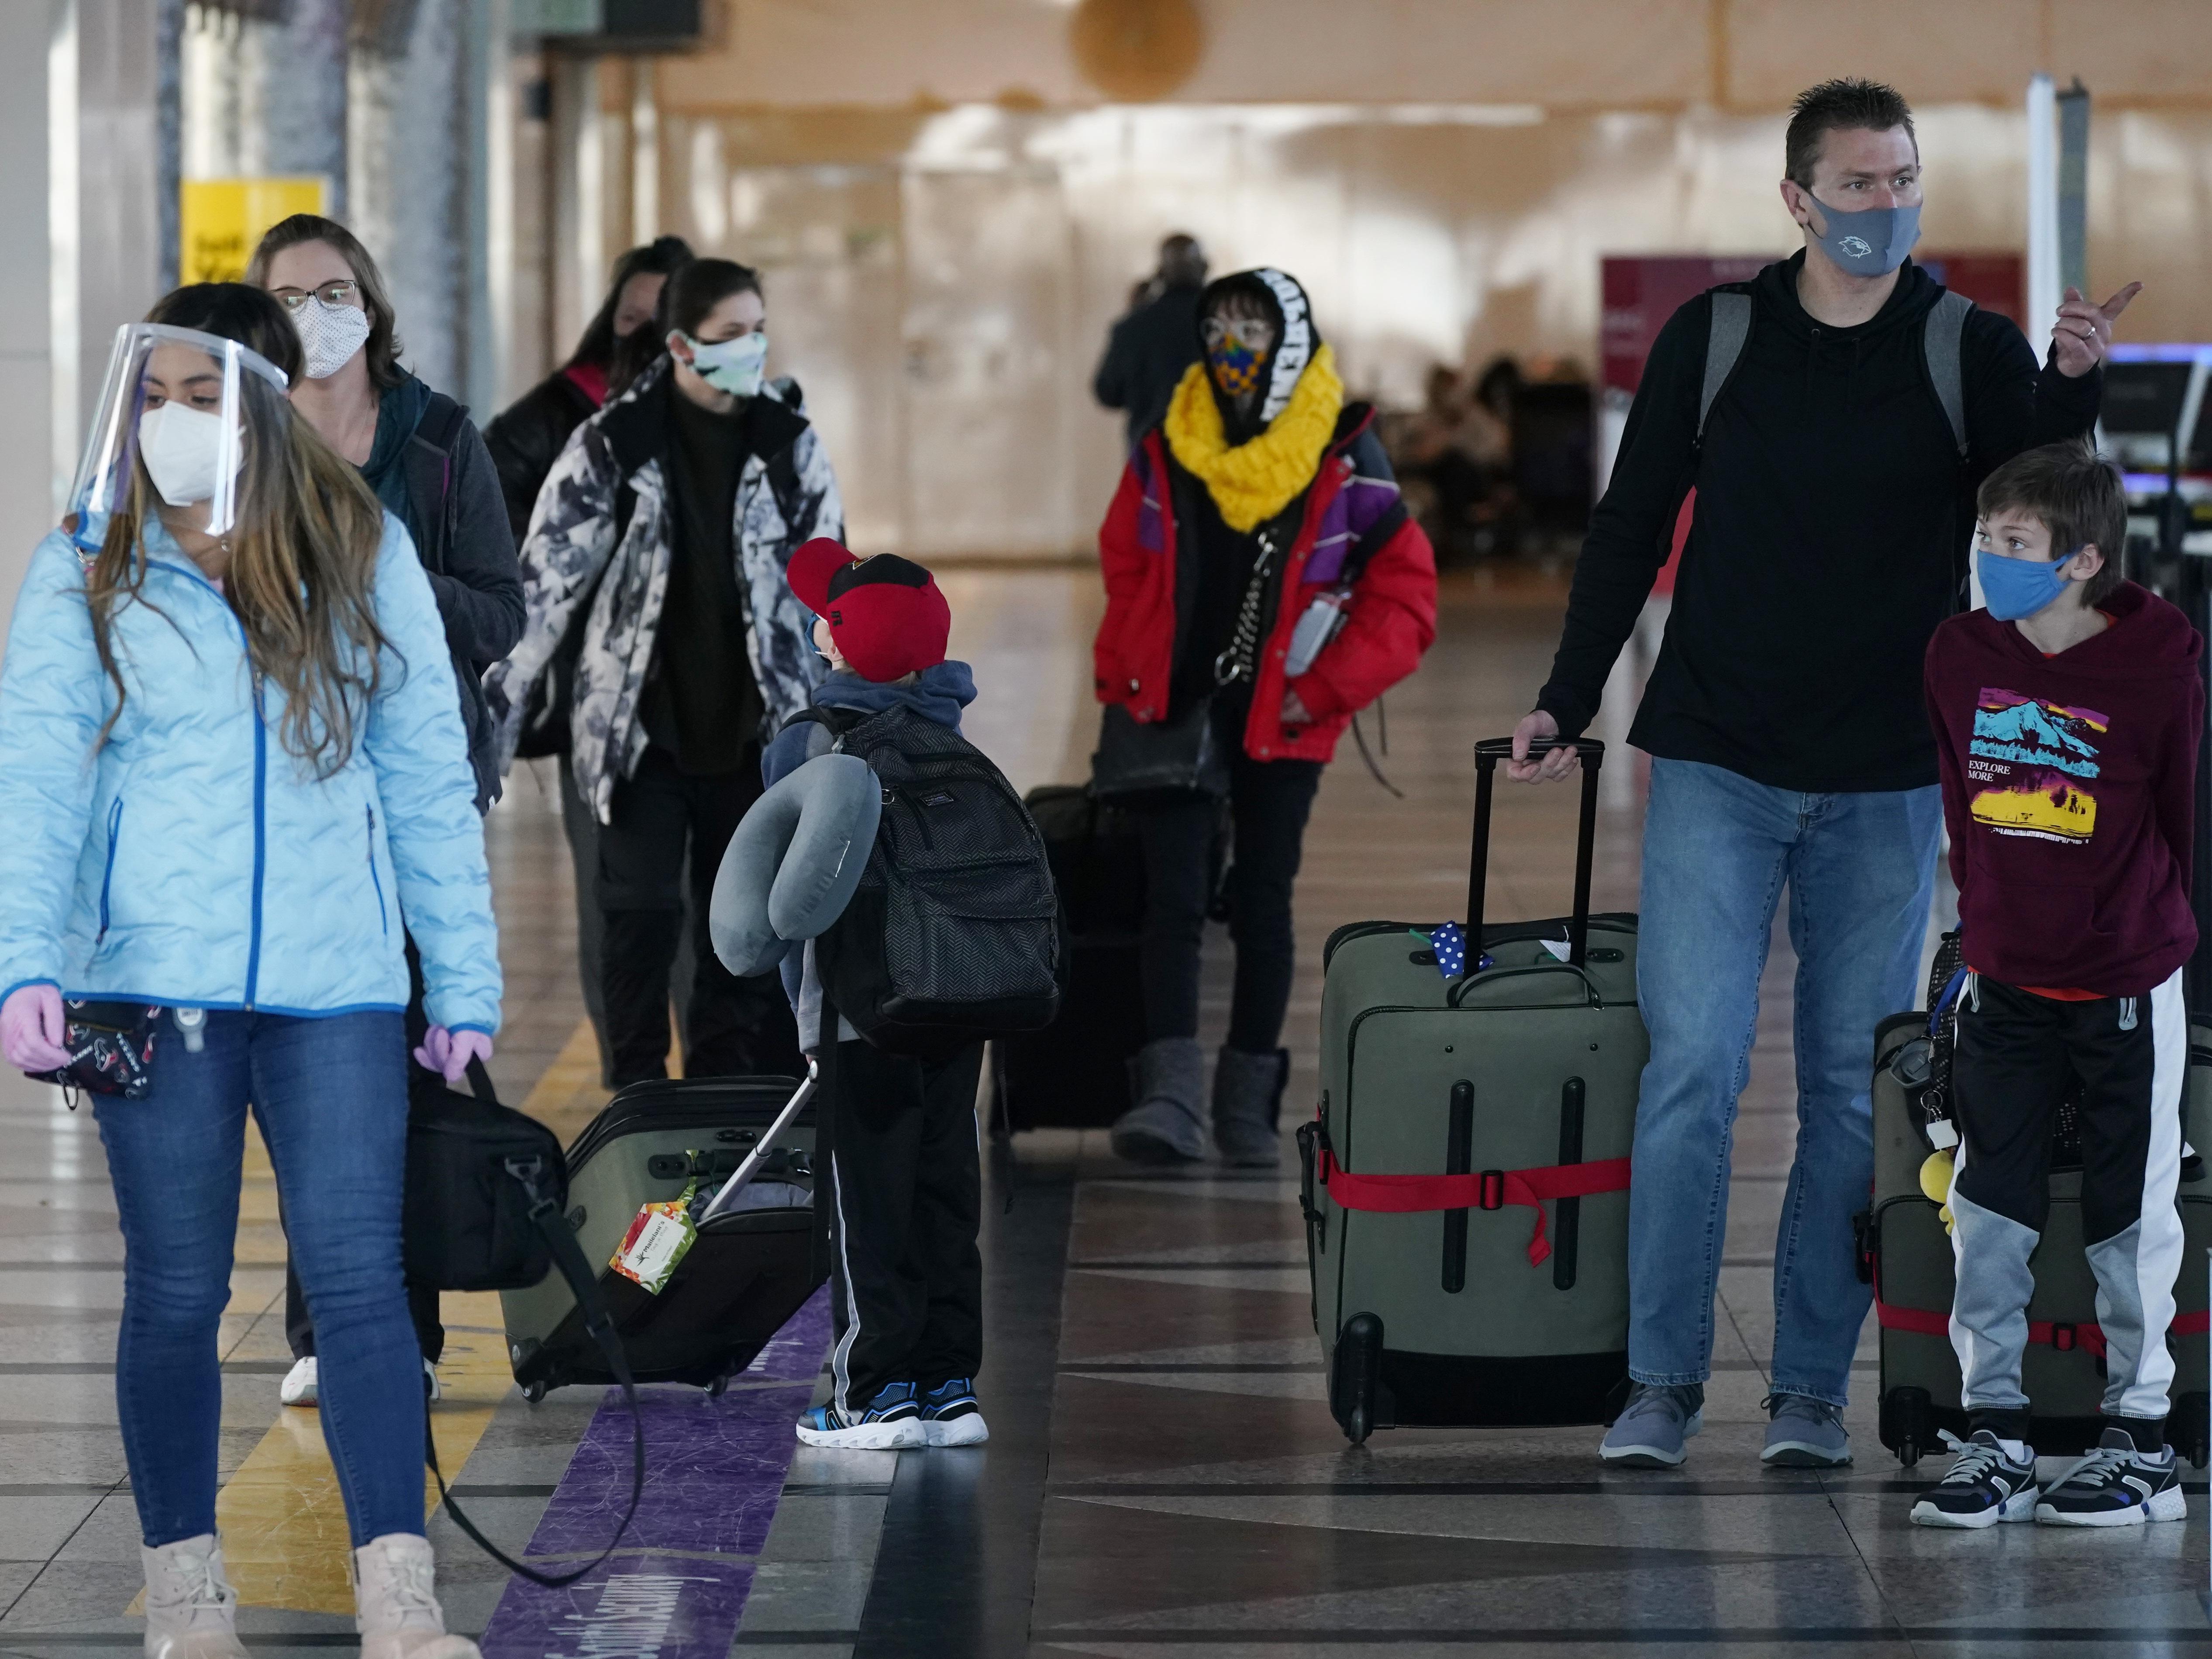 CDC mandates wearing masks on public transportation